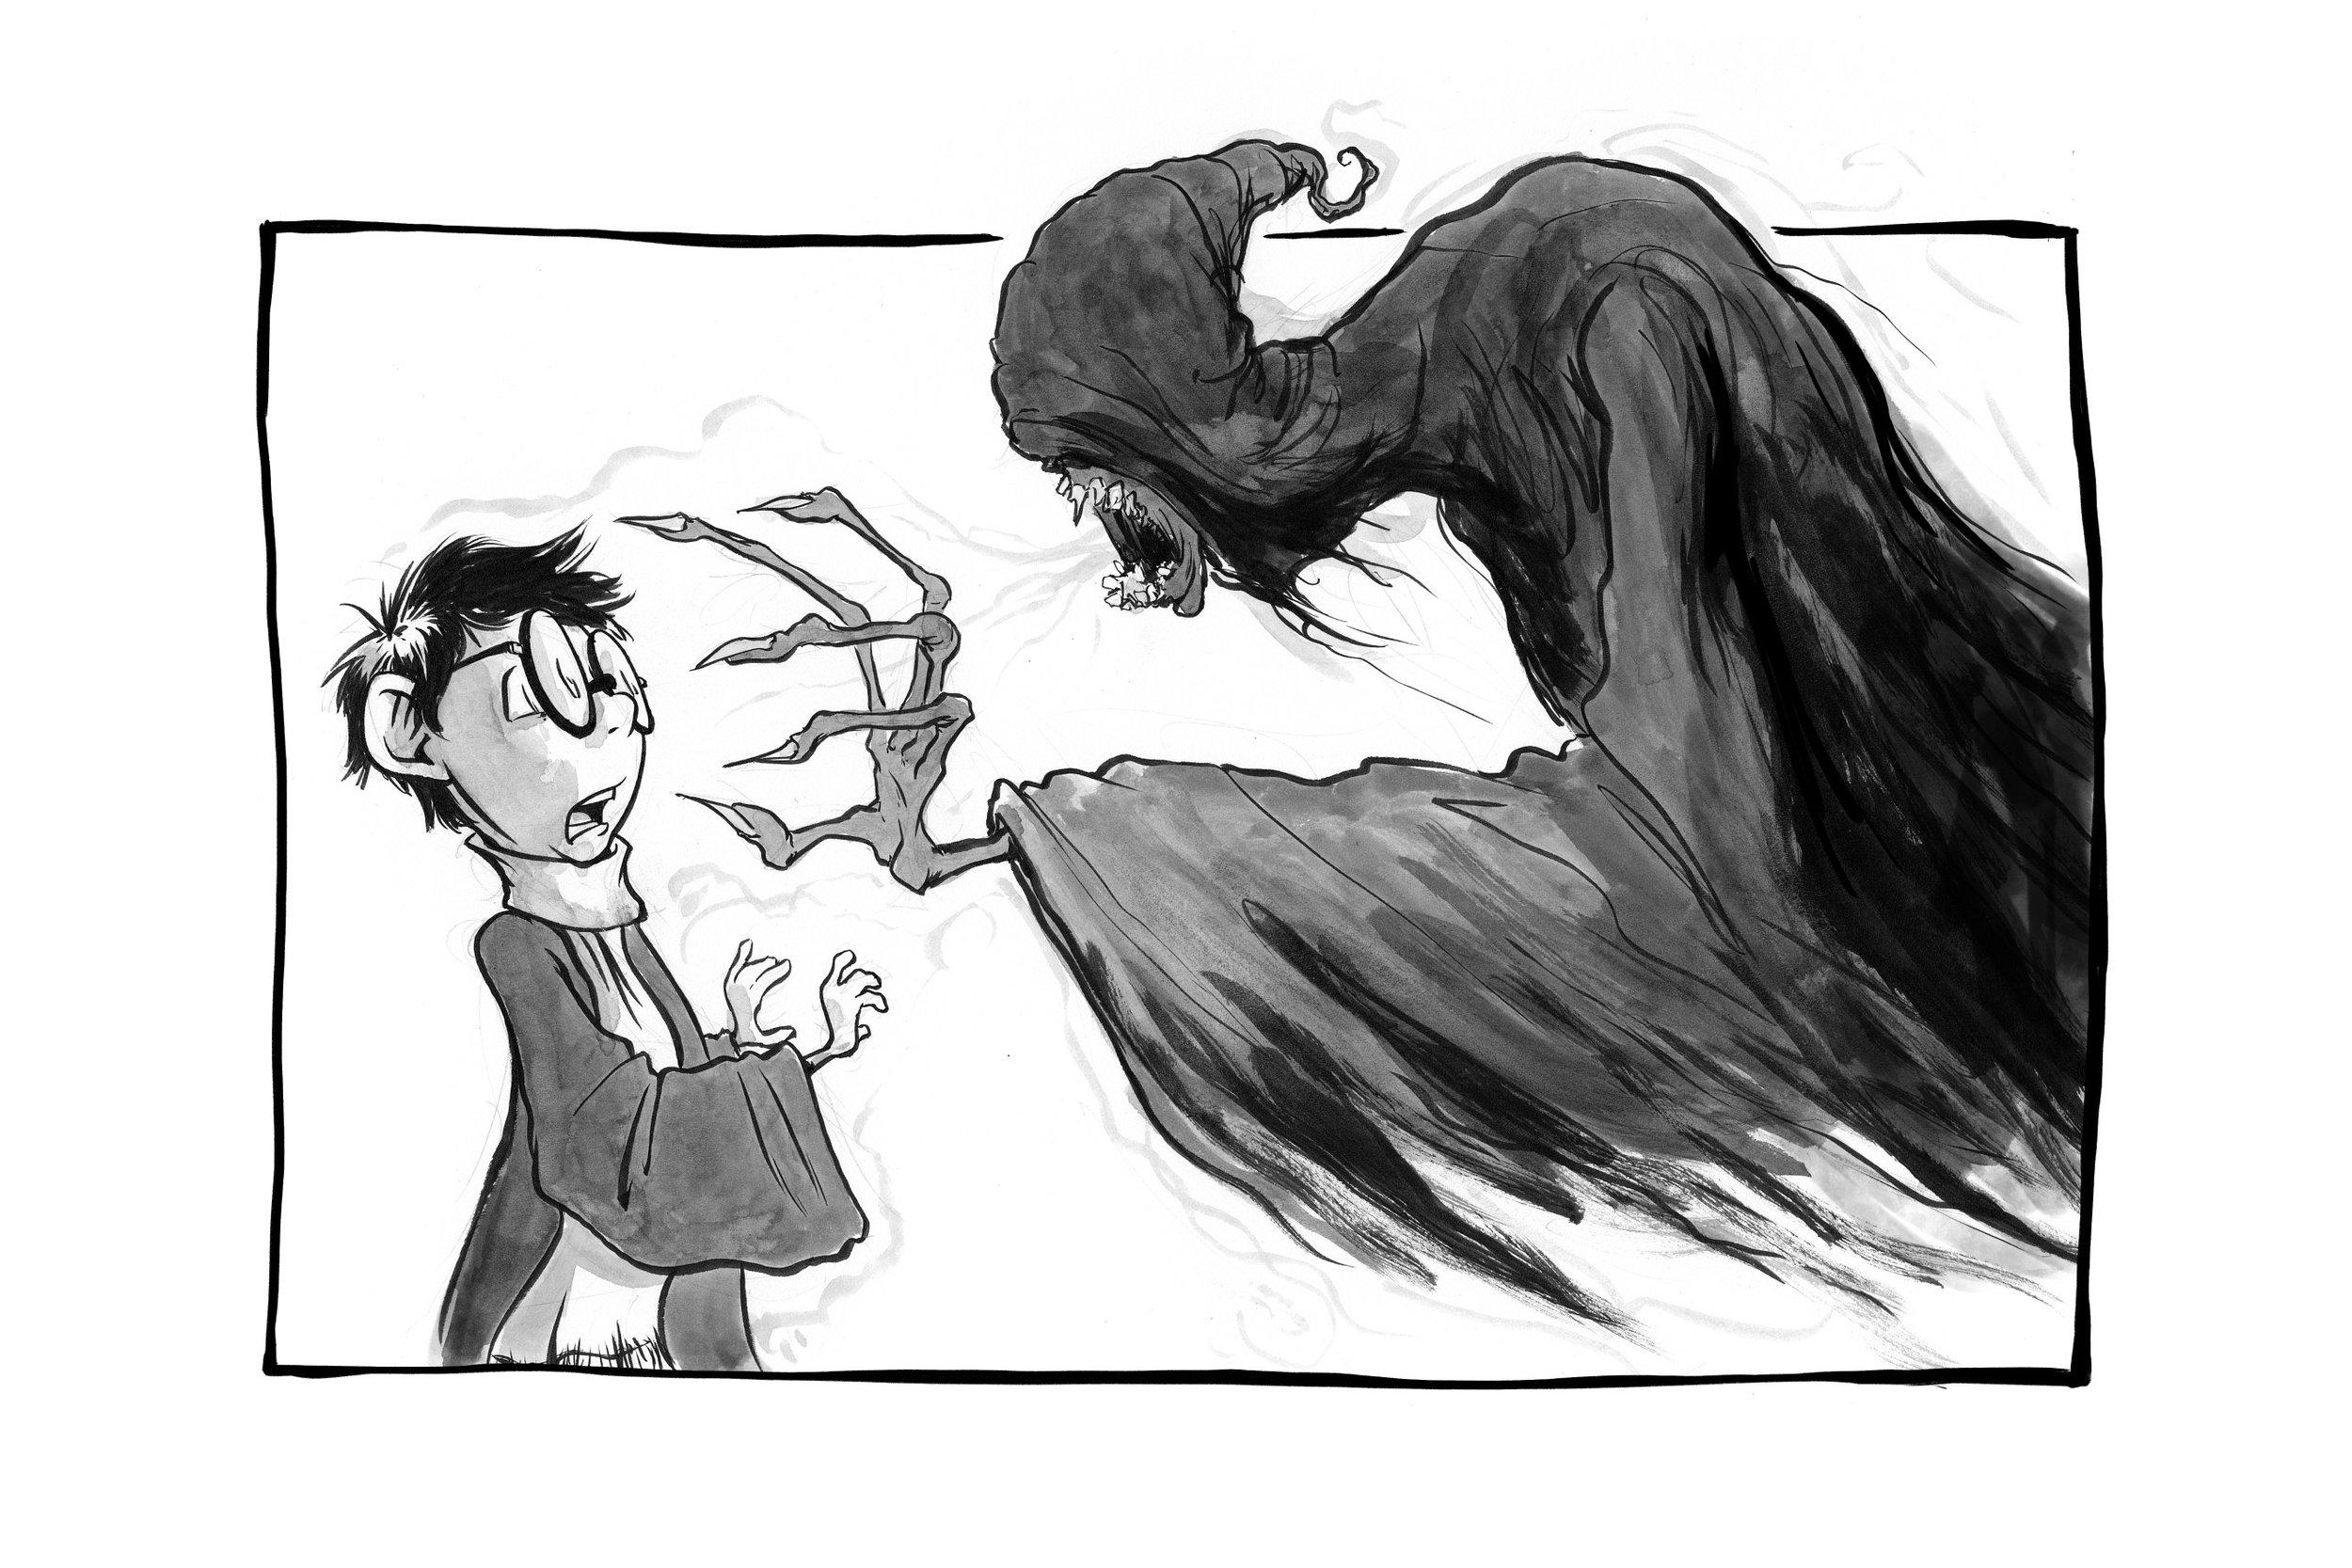 HP_Dementor_6x9.jpg